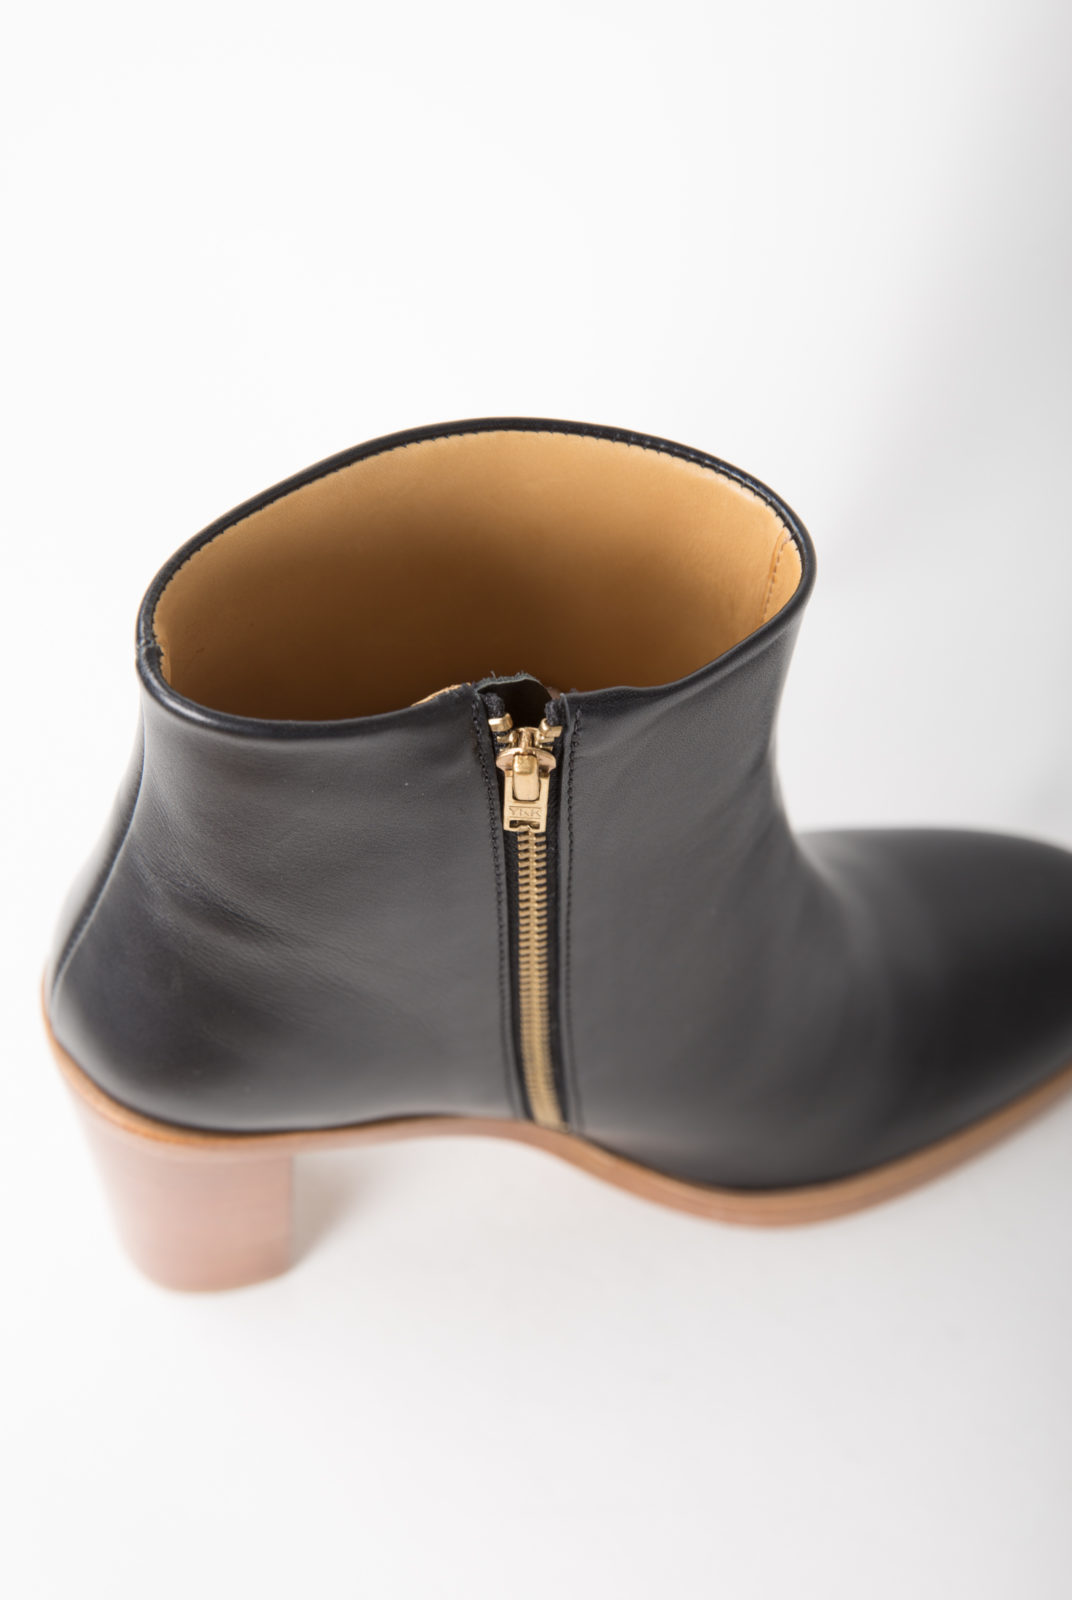 Boots Chic Noir Apc Ac17